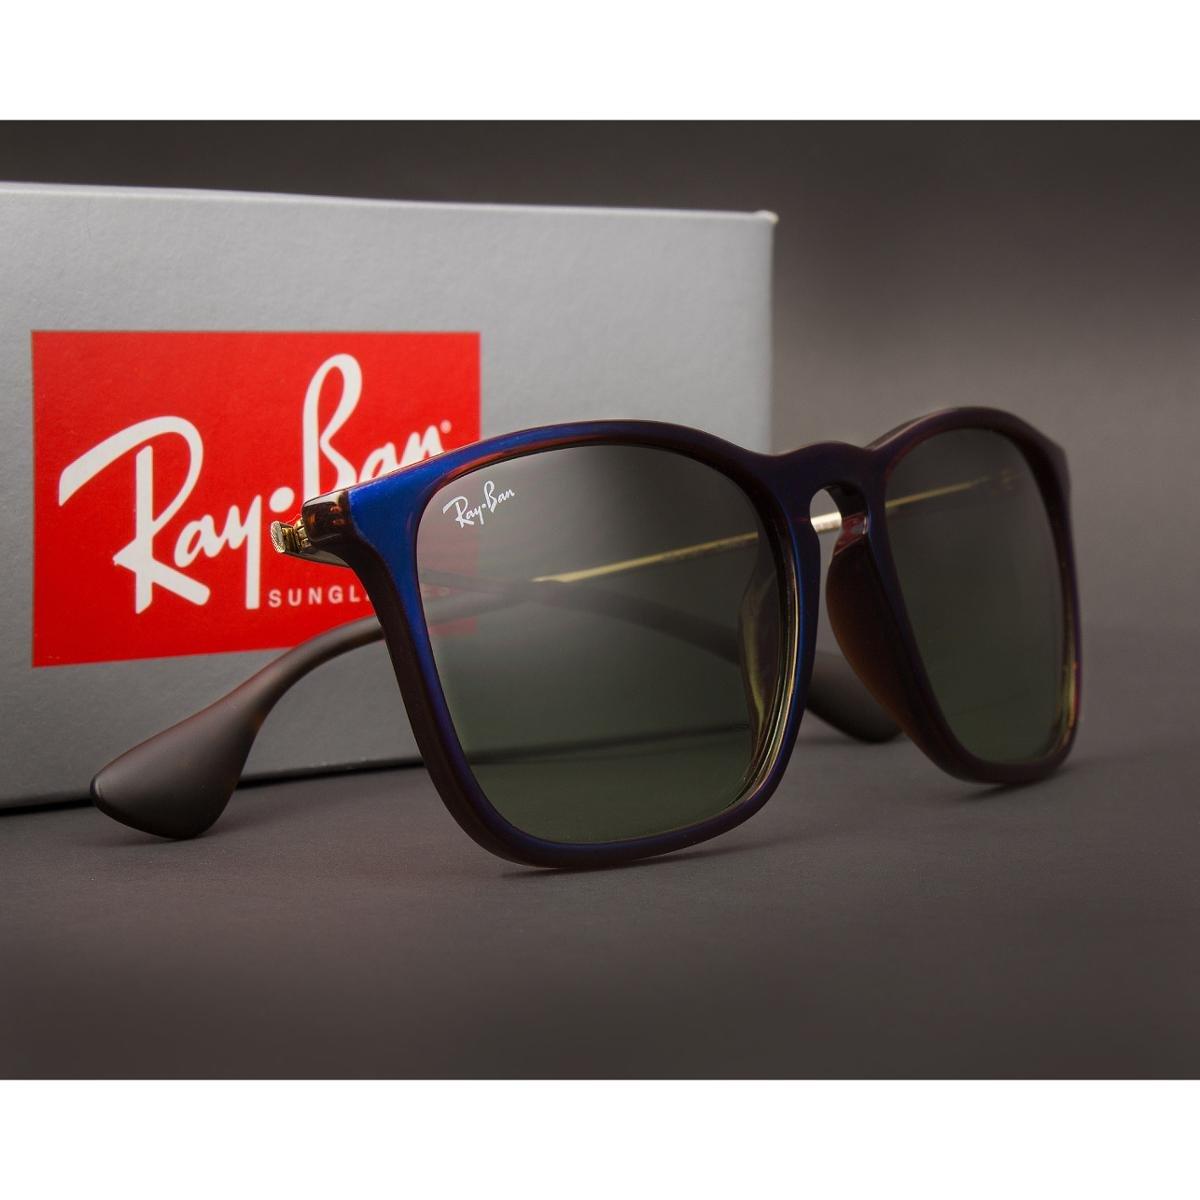 Óculos de Sol Oakley Holbrook Metal - Compre Agora   Zattini 90723c6d2f